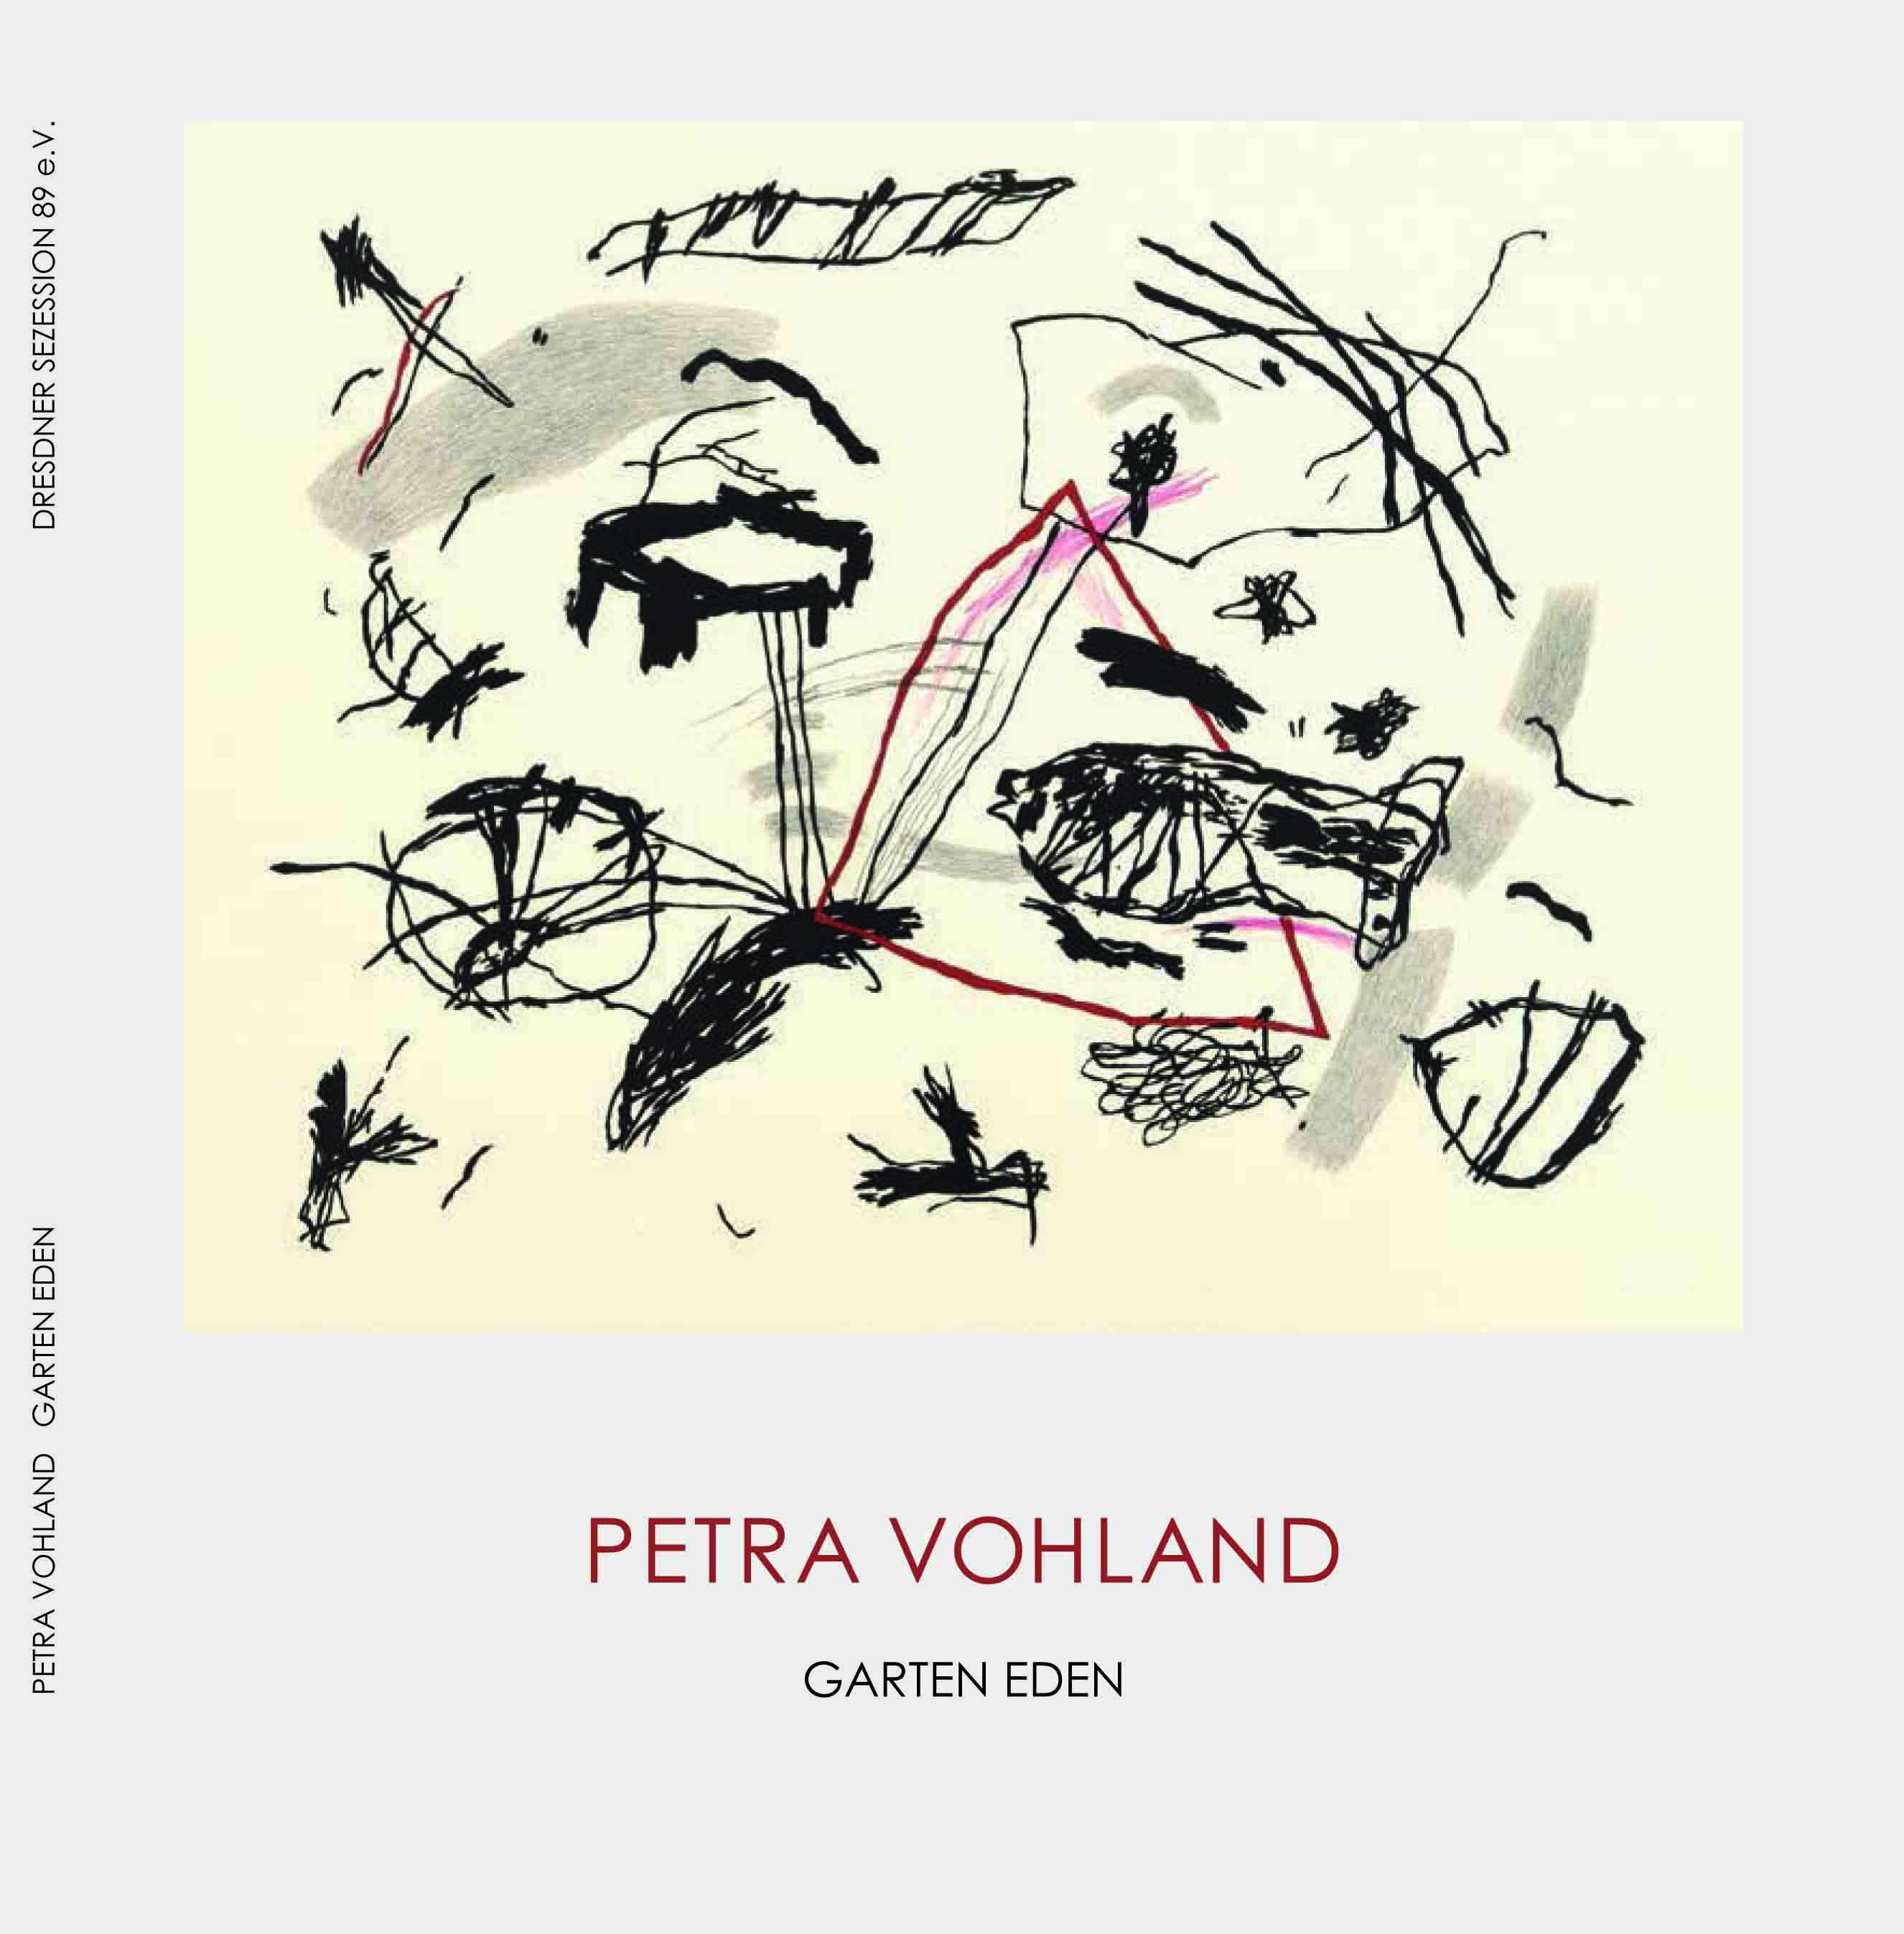 Katalog Petra Vohland, Garten Eden, Hrsg. Dresdner Sezession 89 e.V., 2017, A.Kat., Texte: Prof. Jürgen Schieferdecker, Karin Weber, ISBN  978-3-00-058258-5